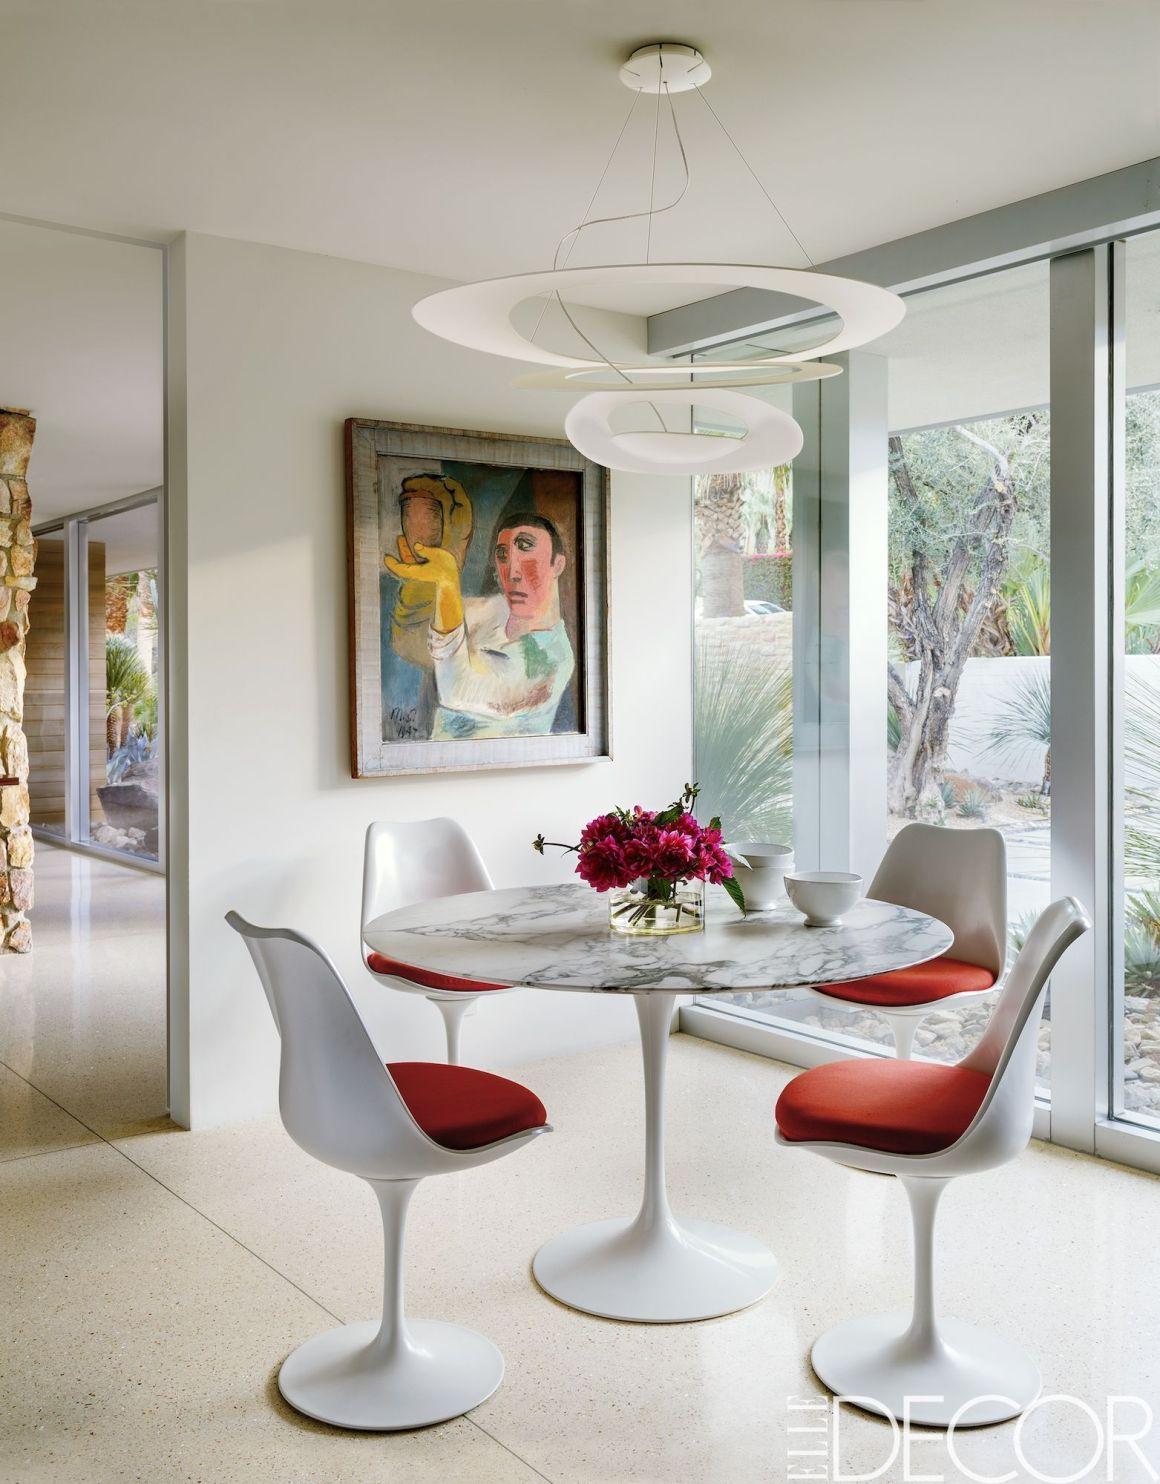 35 modern kitchen ideas - contemporary kitchens